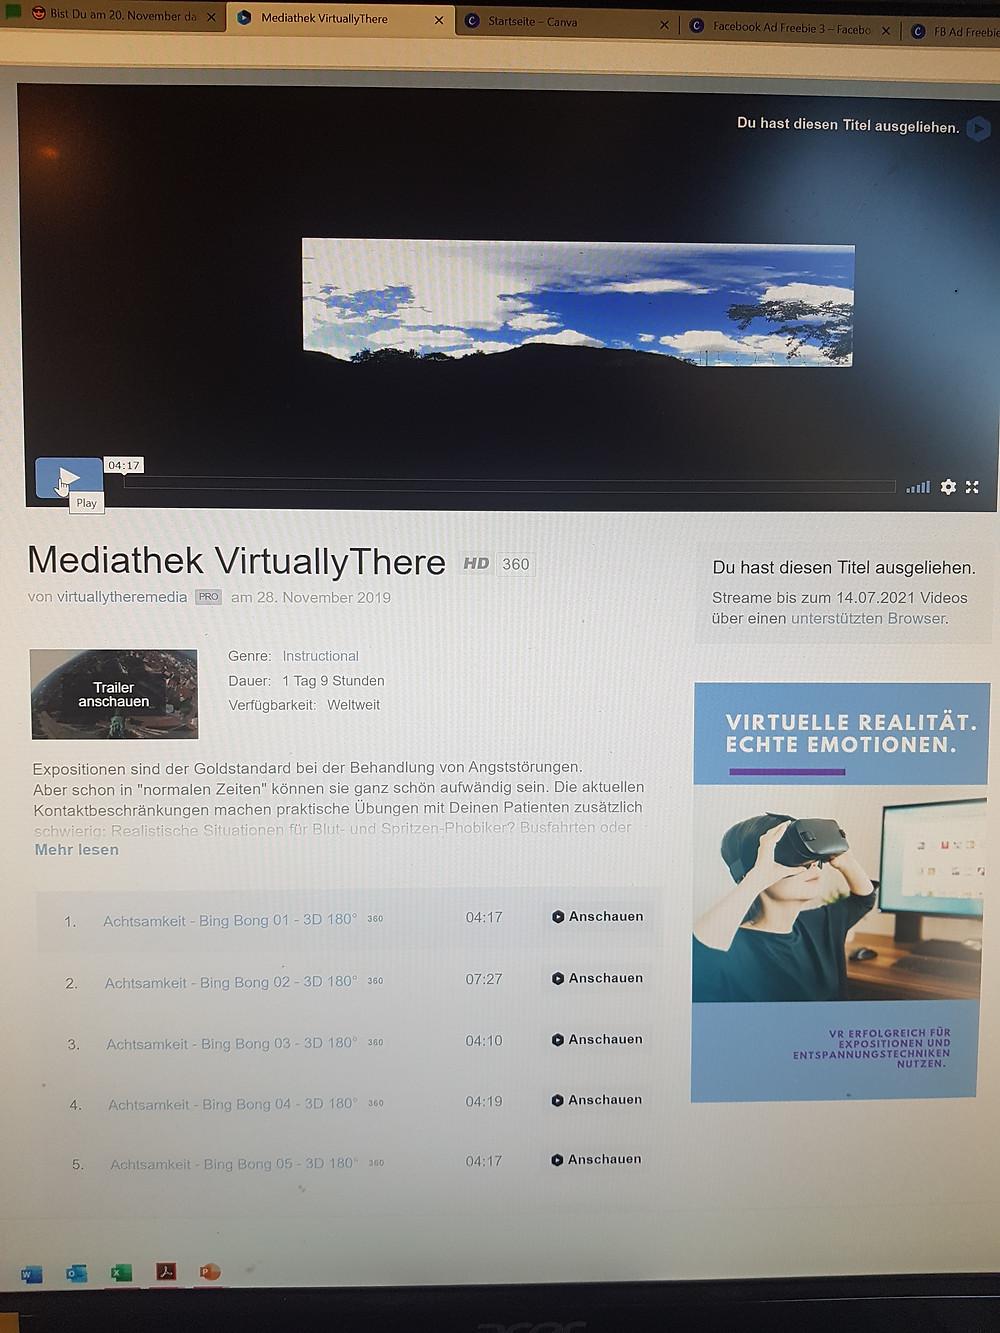 die VirtuallyThere-Mediathek heute: mit über 200 VR-Videos das größte VR-Angebot für Psychotherapeuten im deutschsprachigen Raum